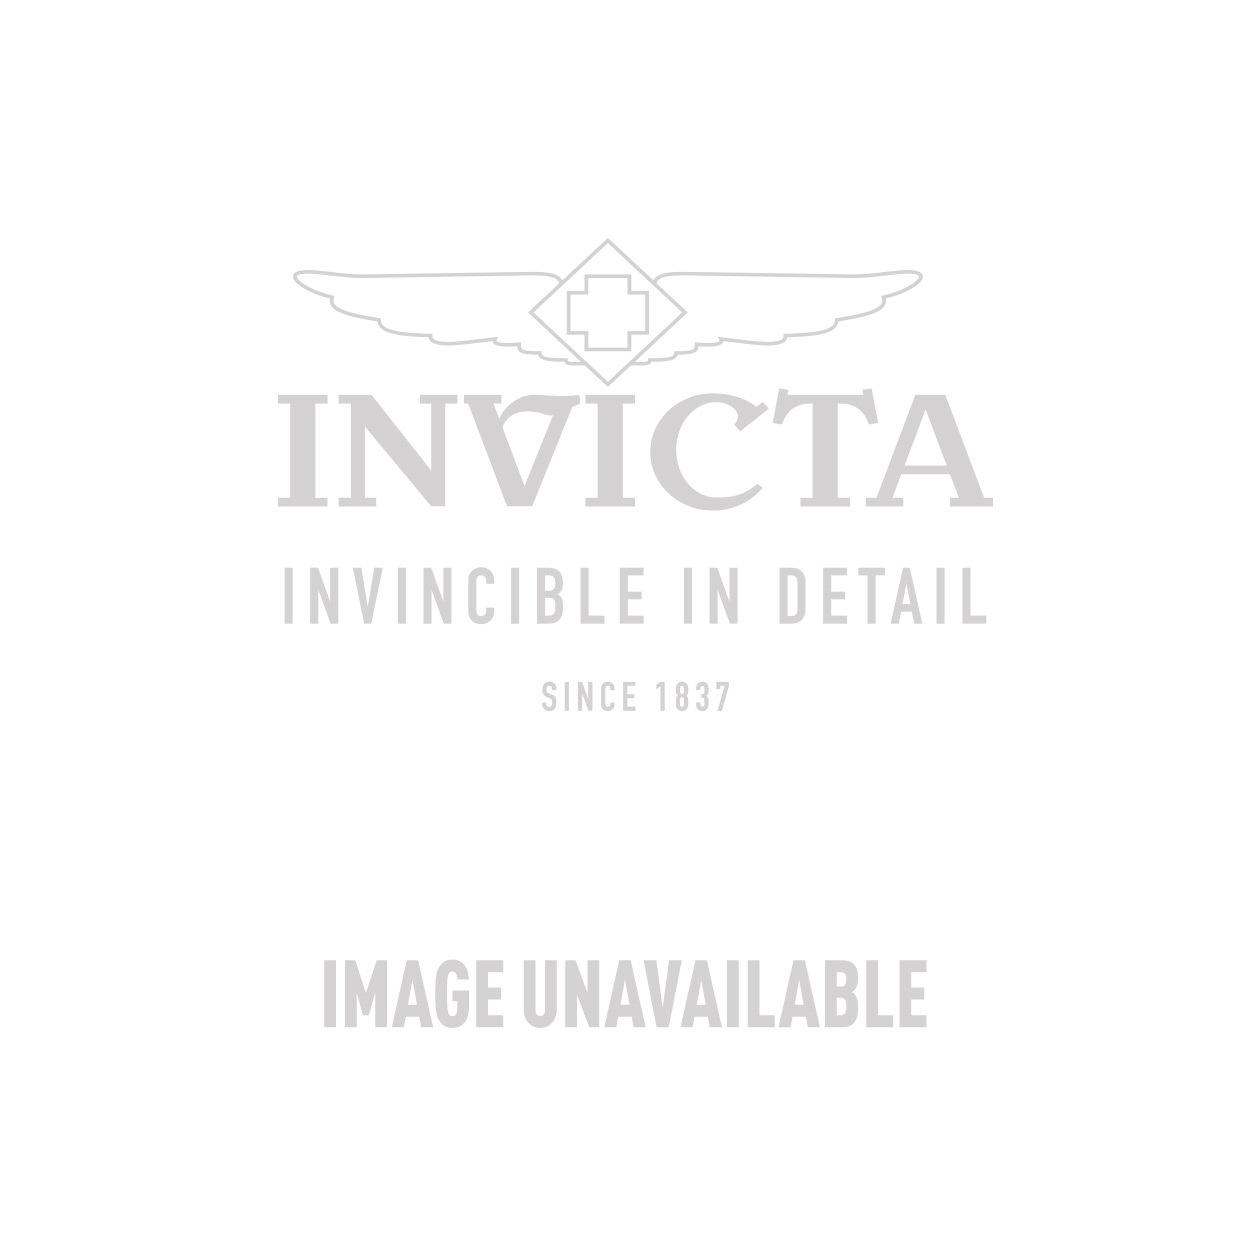 Invicta Model  25920